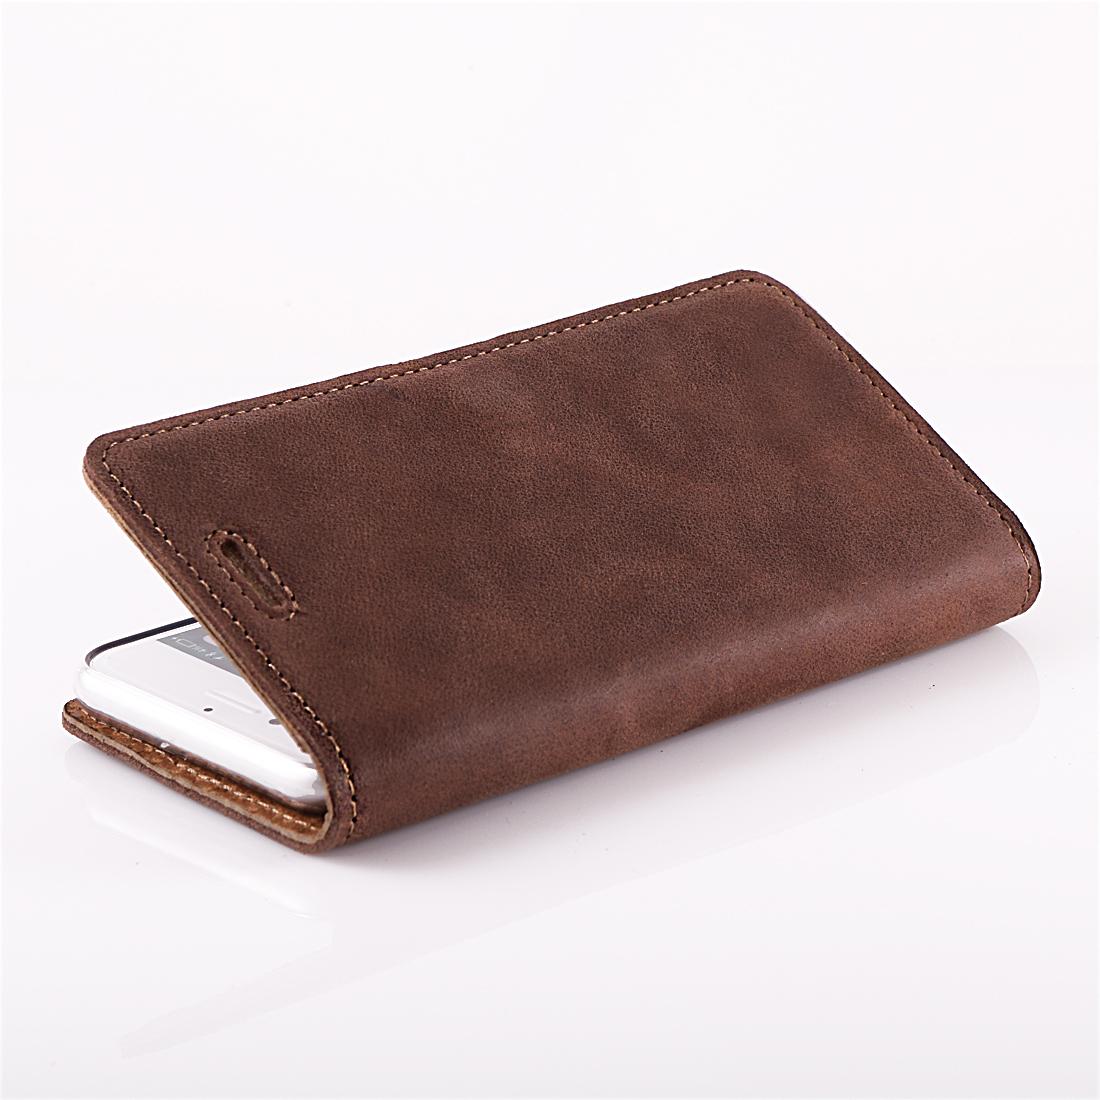 Szczegóły O Premium Echtes Ledertasche Schutzhülle Tpu Wallet Flip Case Nubuk Farbe Nuss